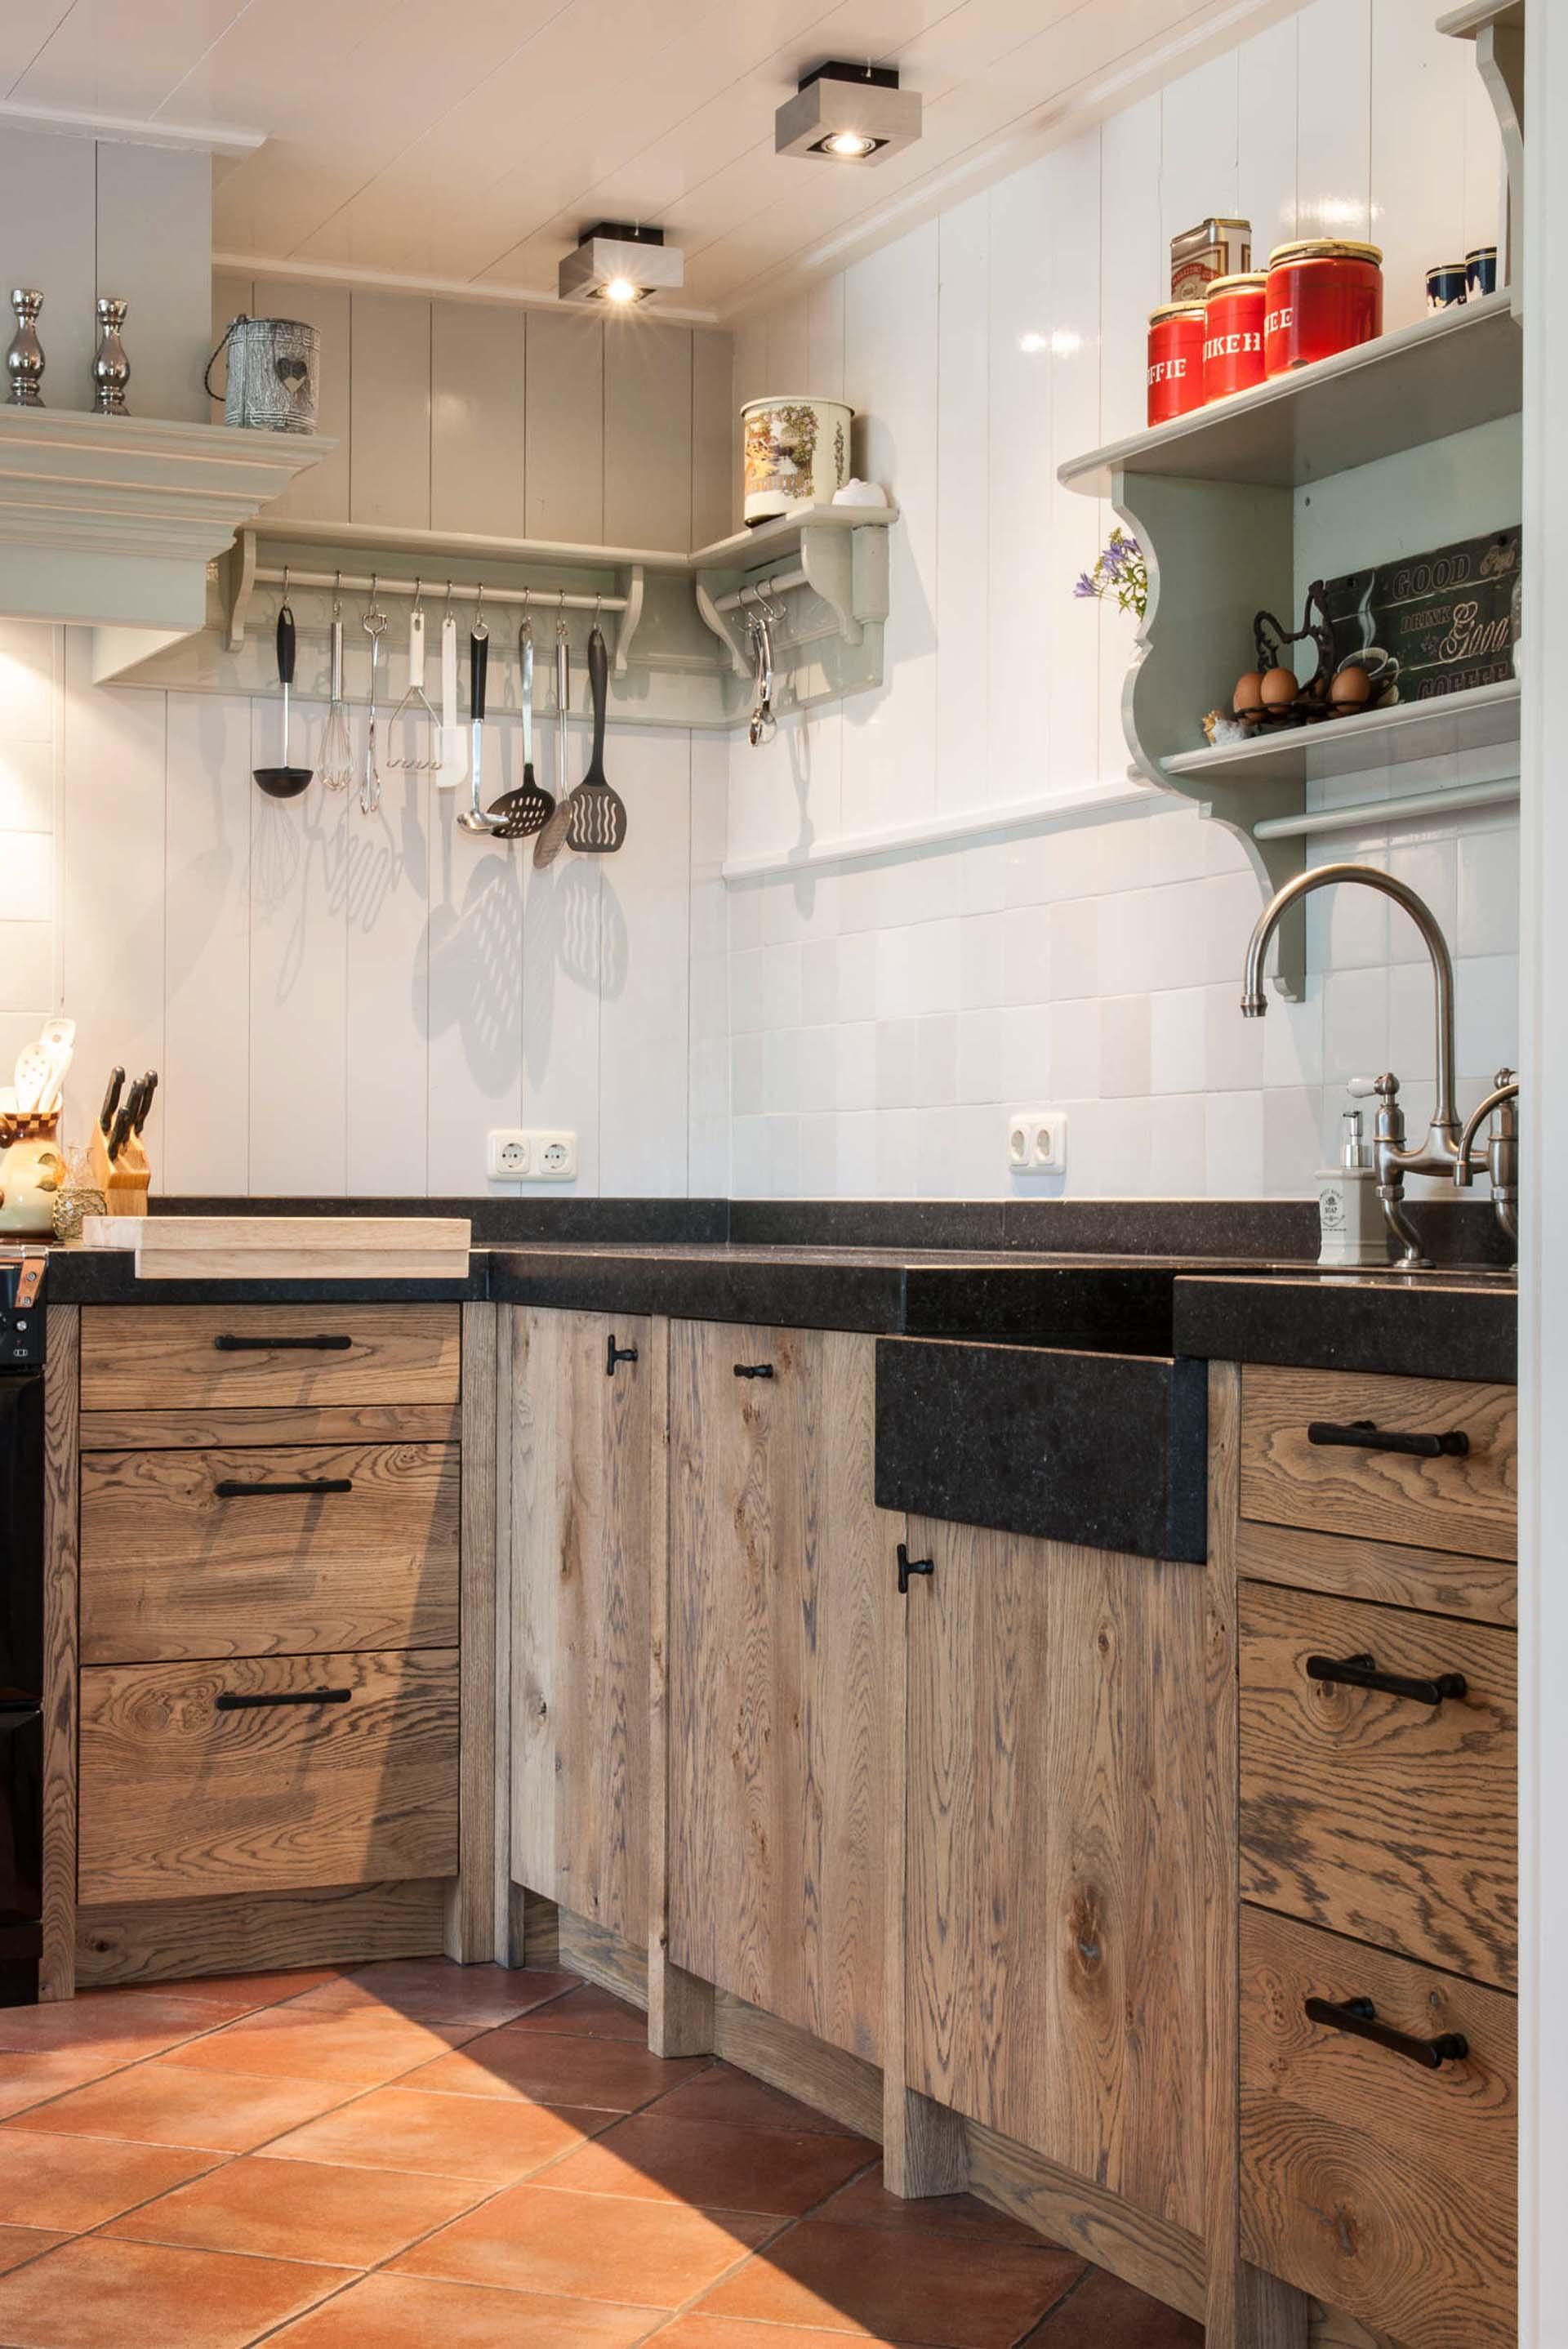 Houten keuken met hardsteen aanrechtblad en klassieke kranen